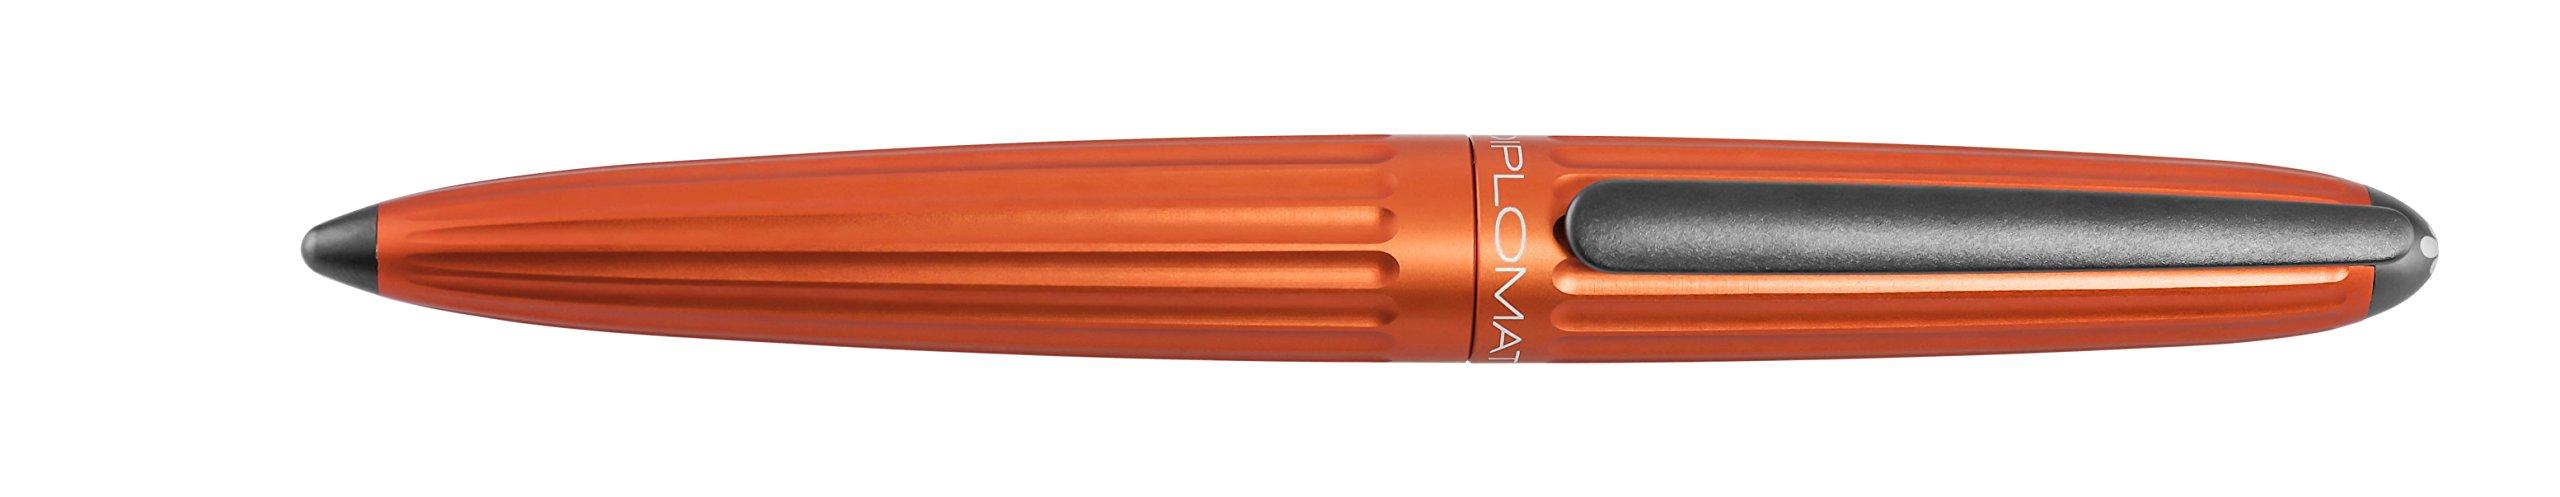 Diplomat AERO orange, fountain pen, medium nib M by Diplomat (Image #1)